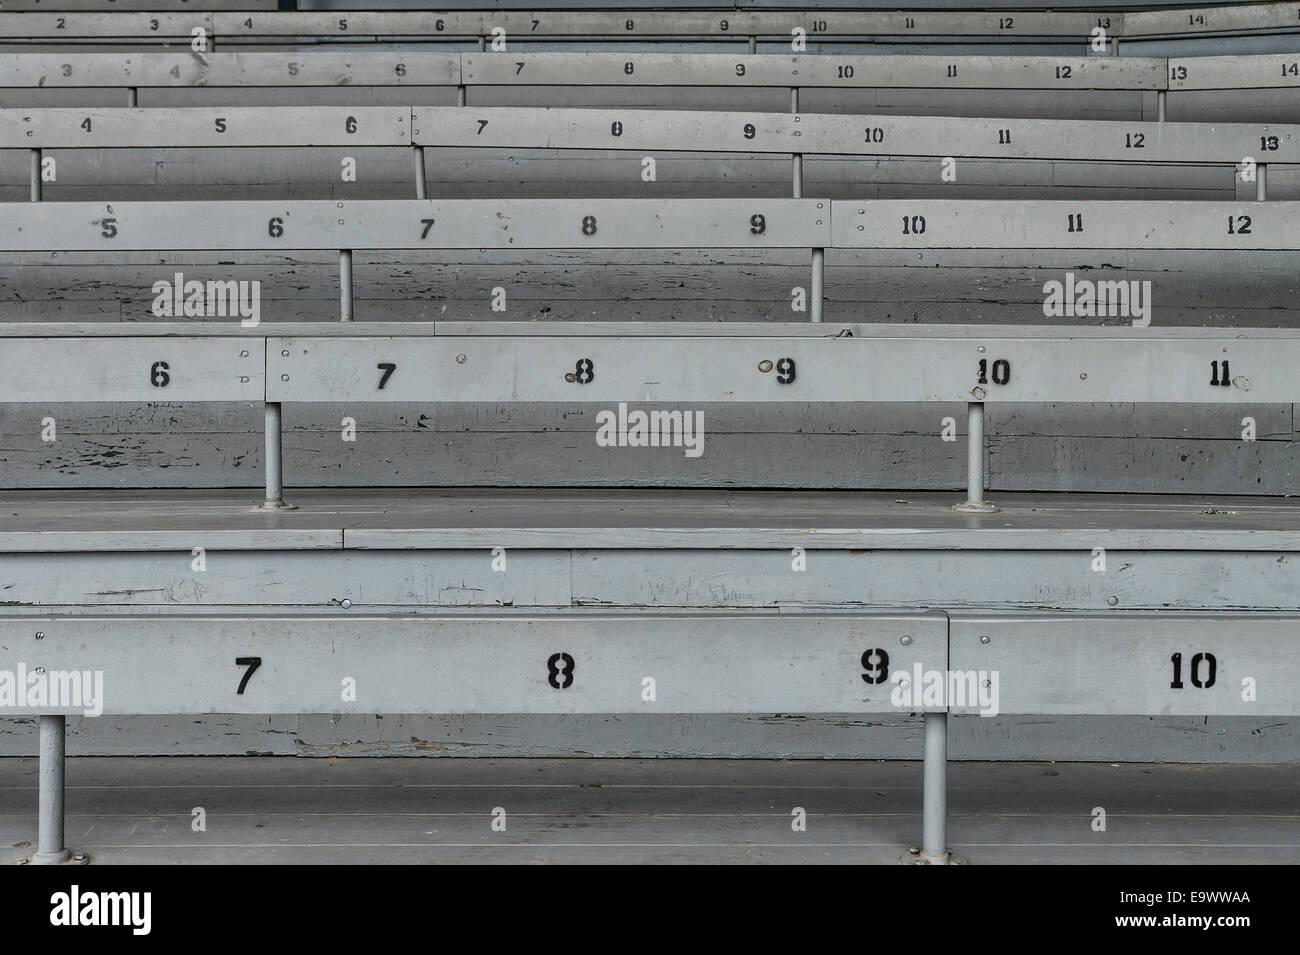 In vecchio stile baseball gradinate. Immagini Stock